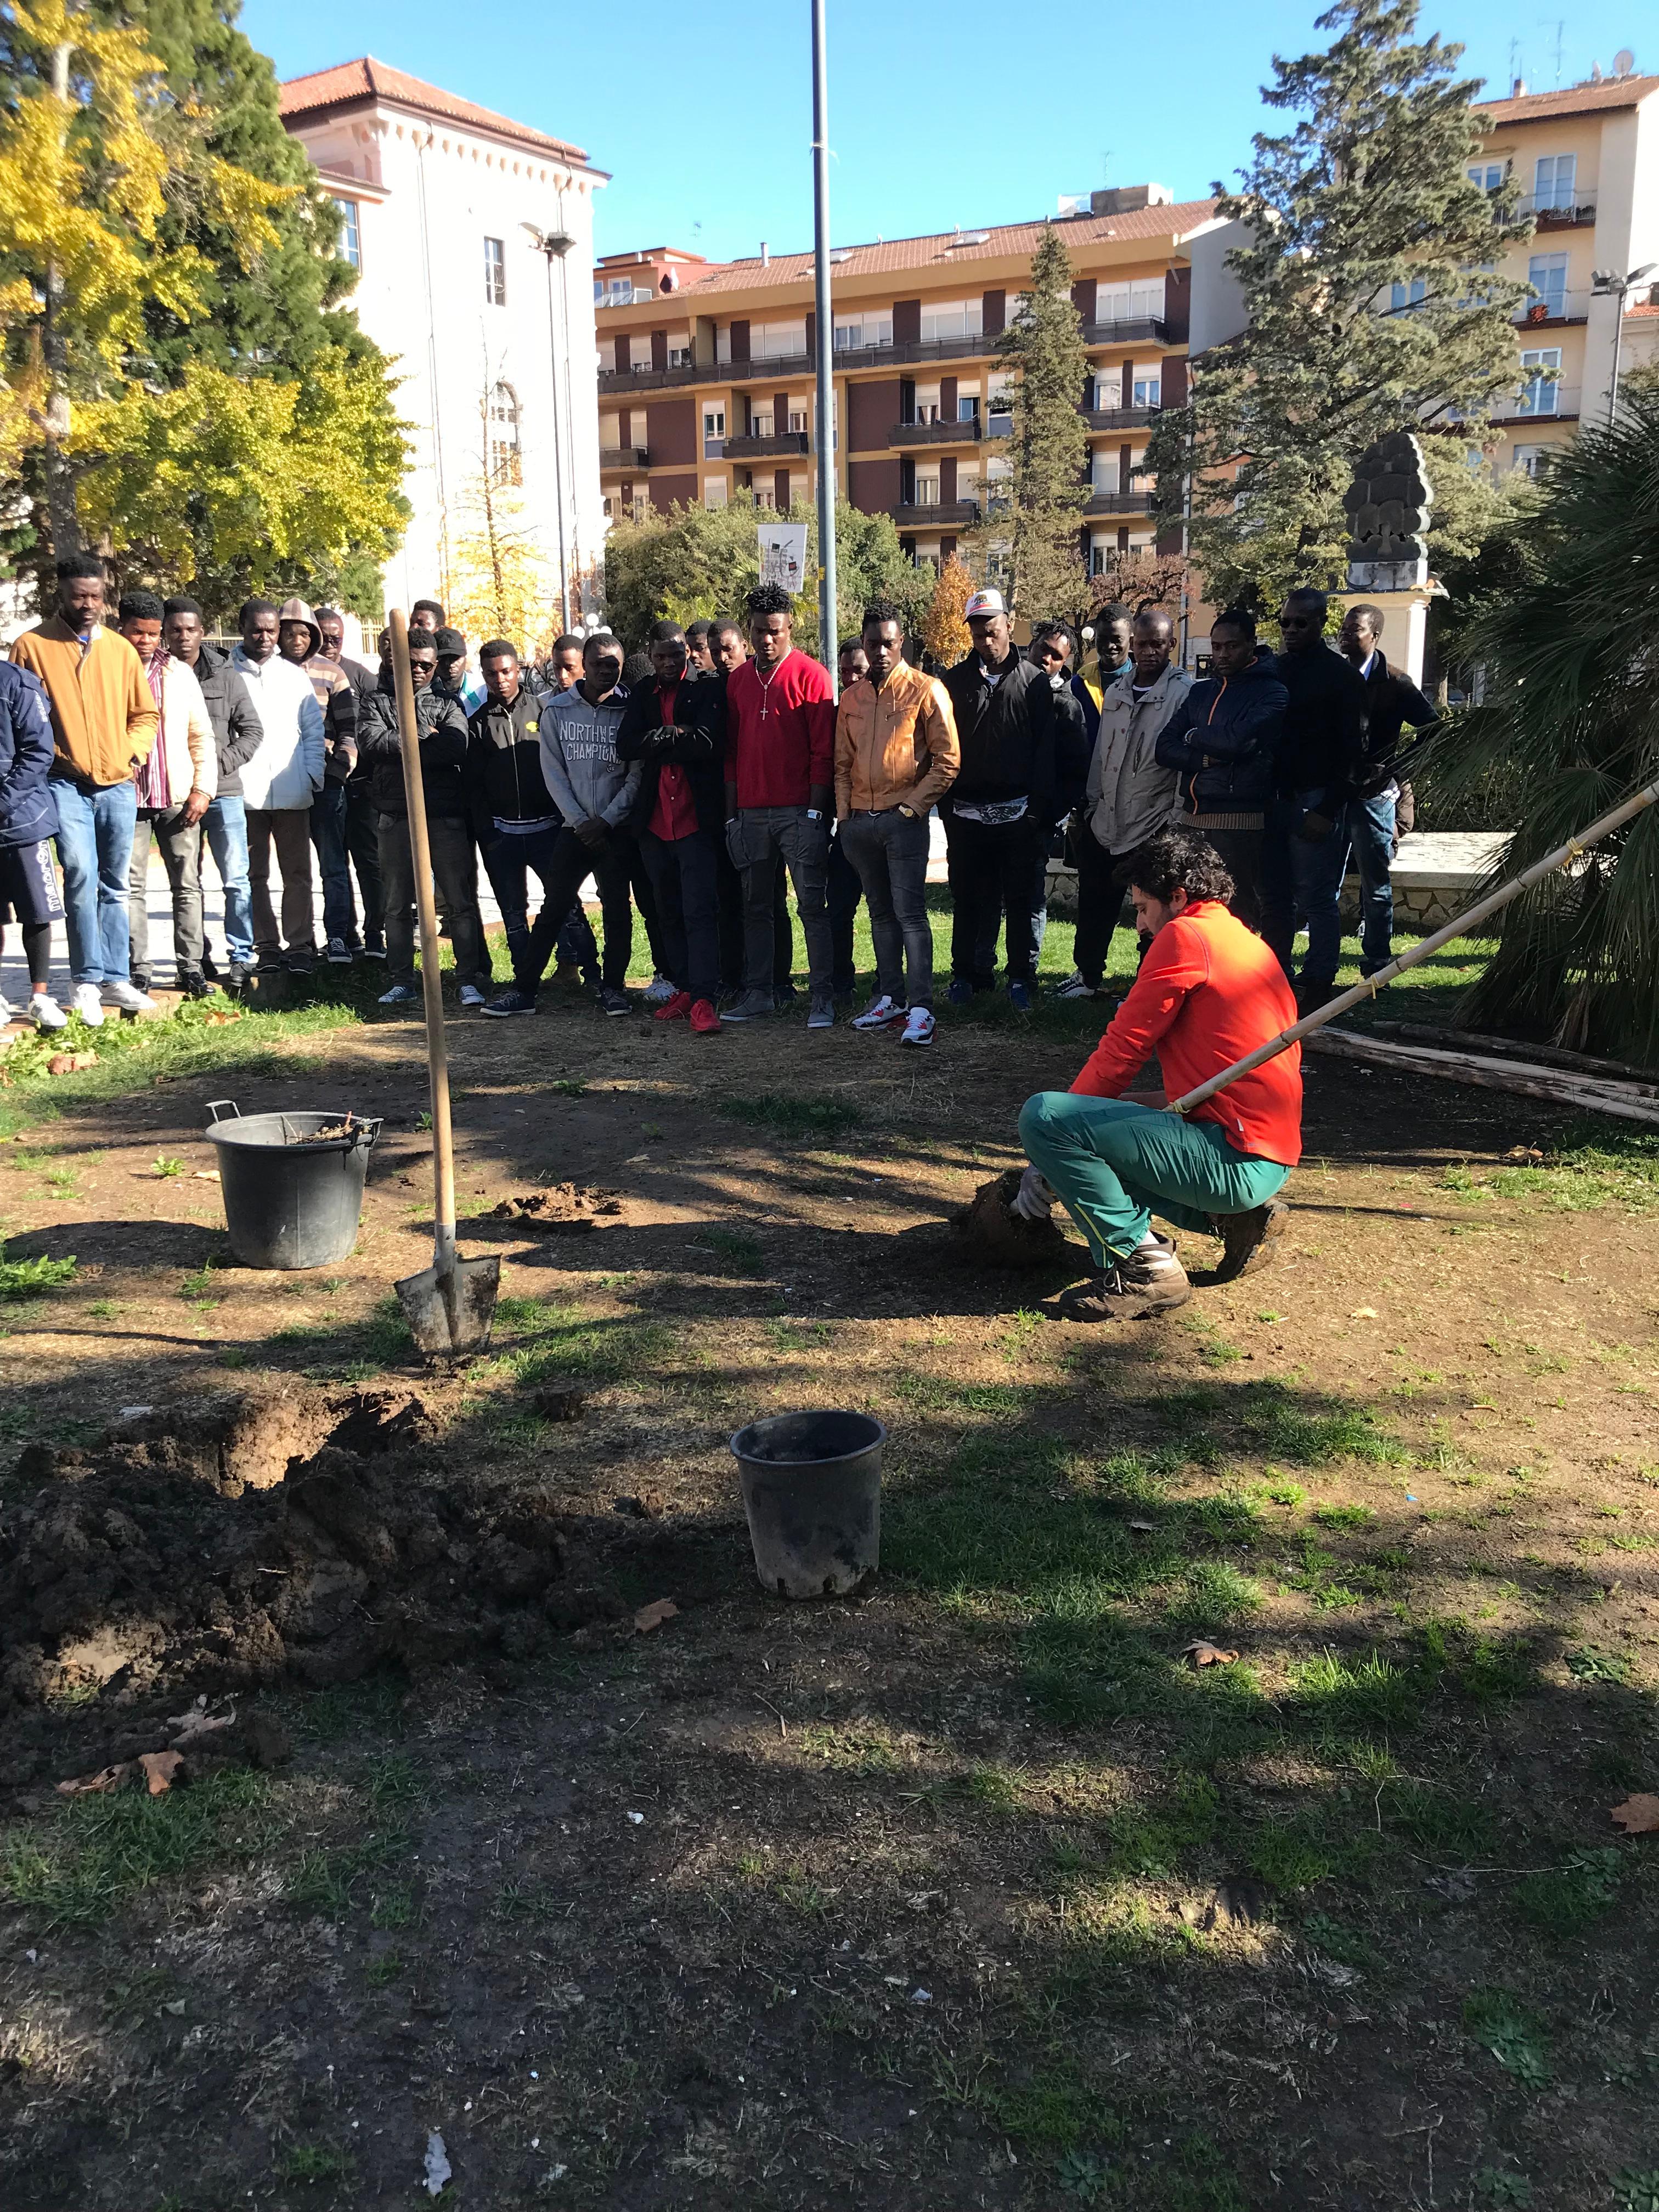 Giornata degli alberi a Villa Musenga. Iniziativa di riqualificazione del verde pubblico cittadino